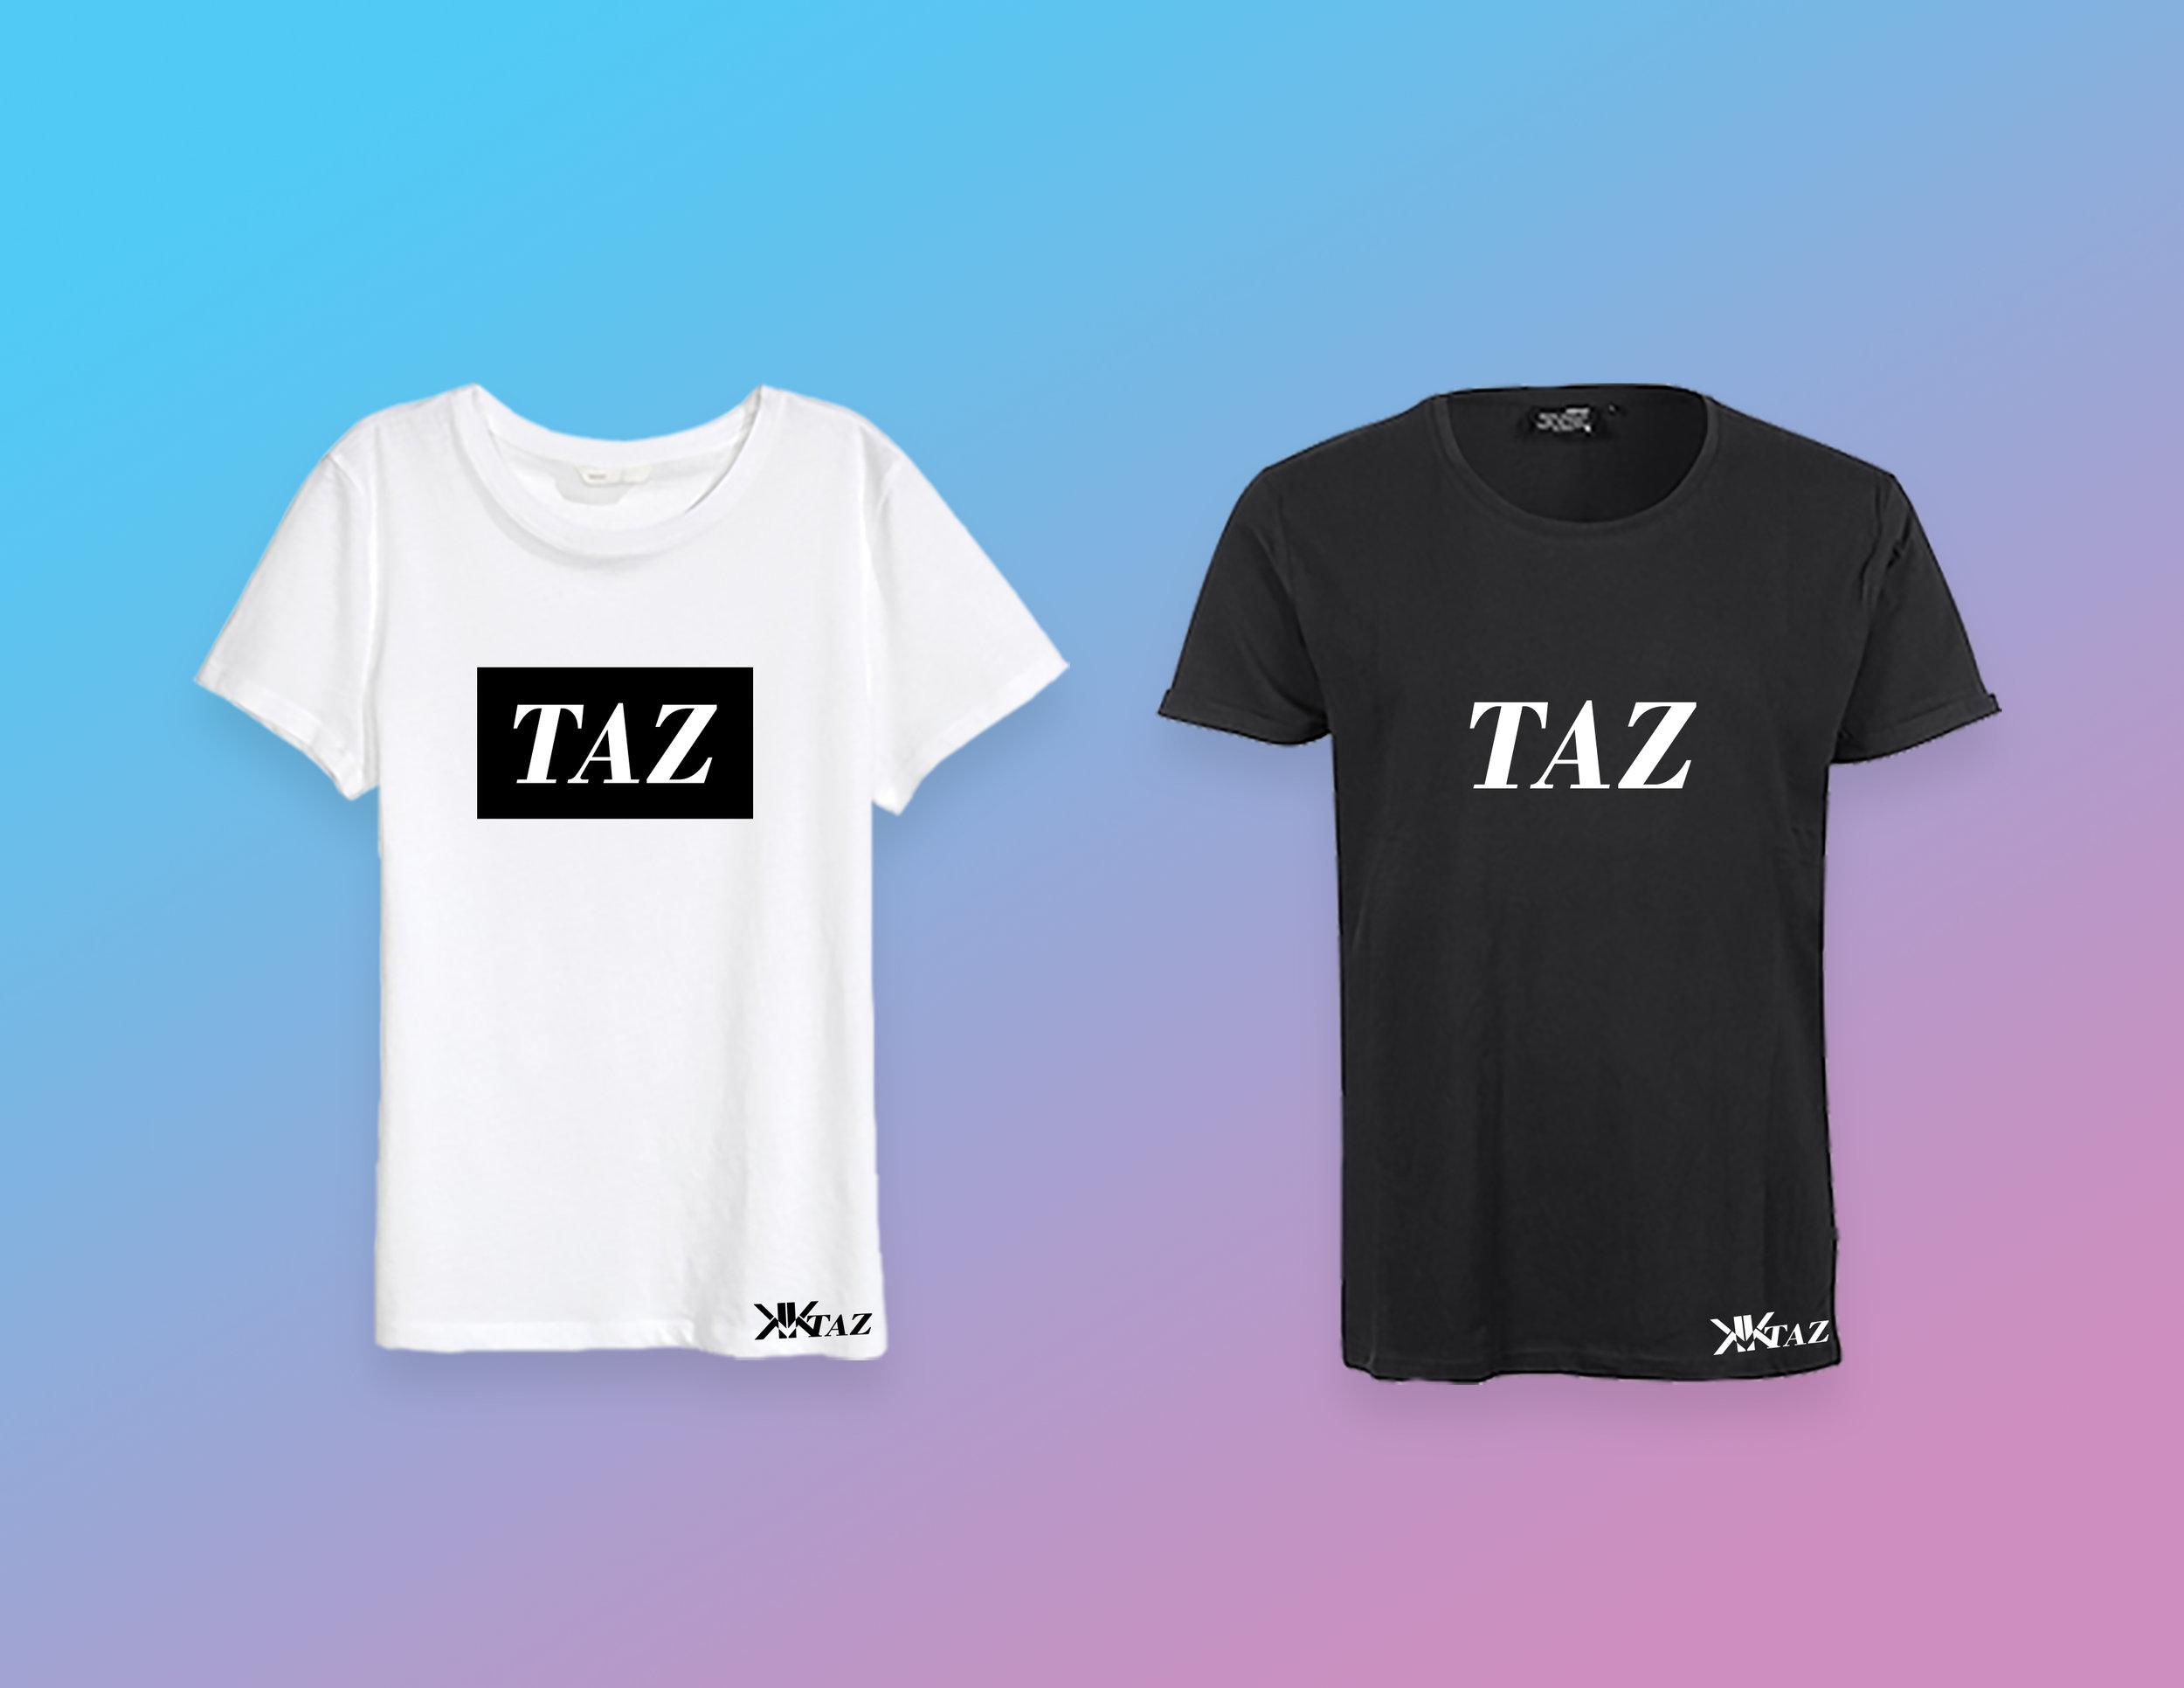 0000_Tshirts 1.jpg